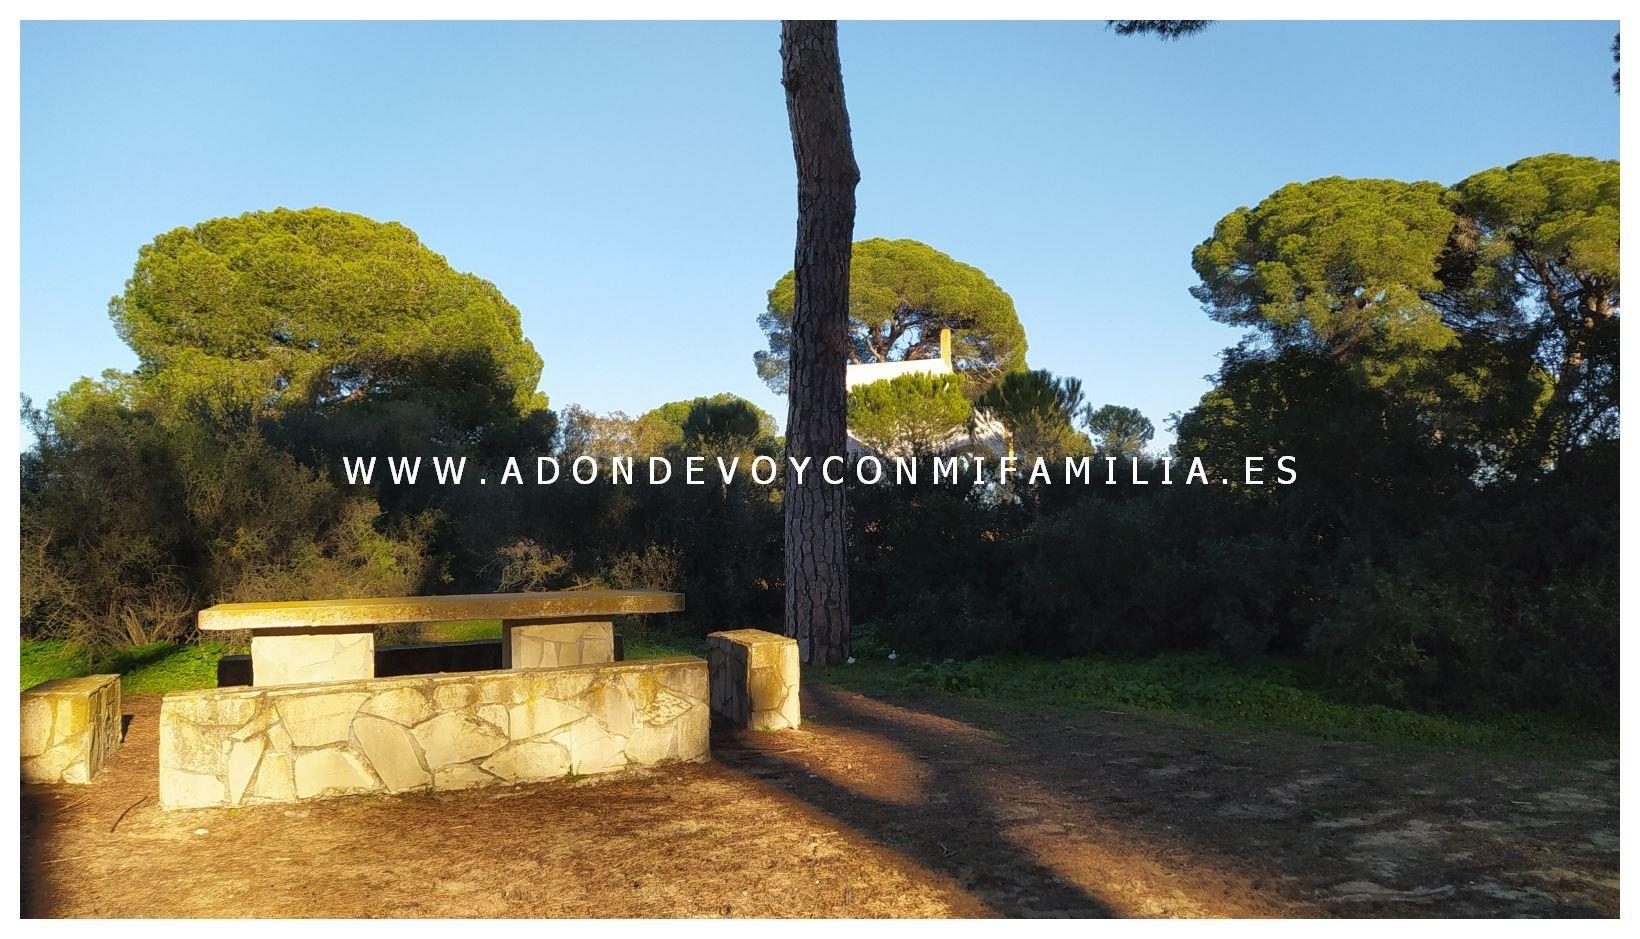 area-recreativa-la-ermita-adondevoyconmifamilia-15